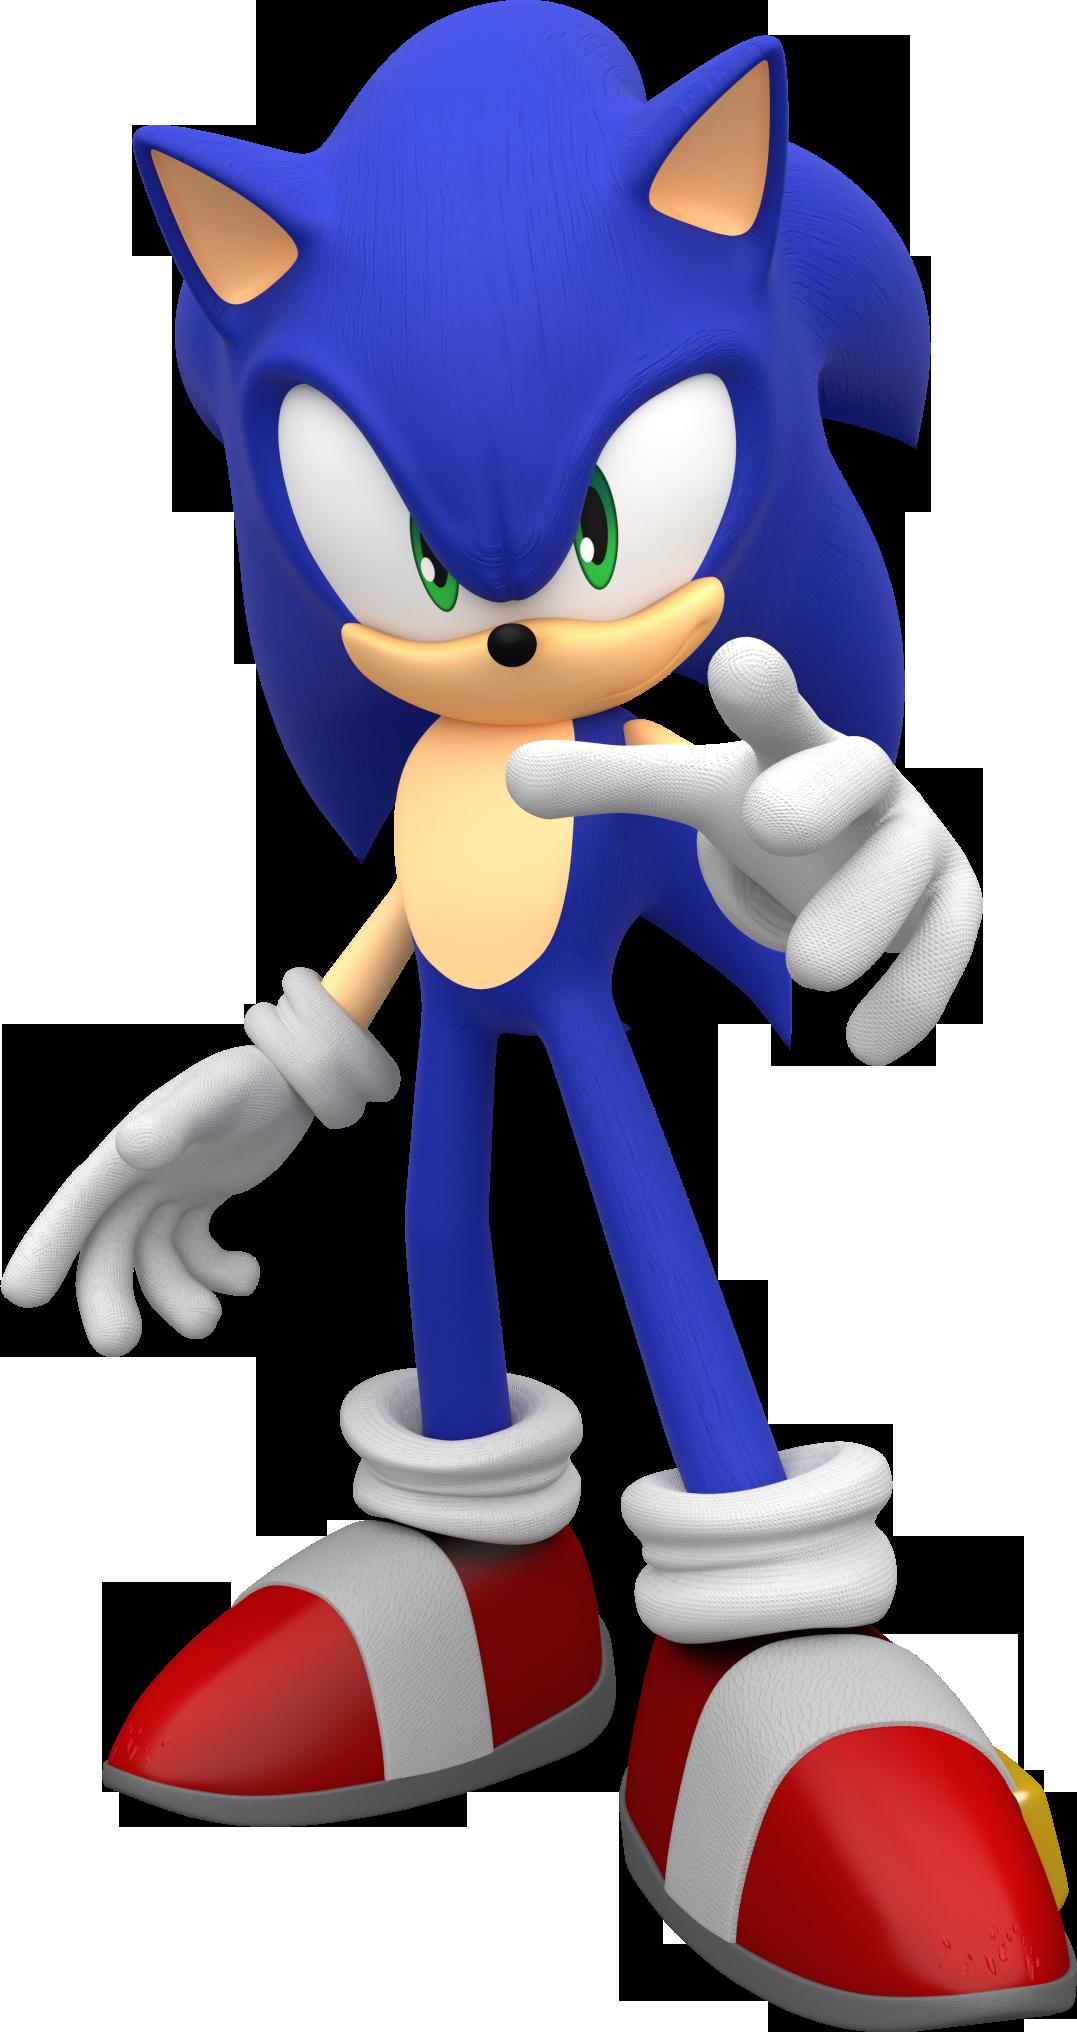 Sonic The Hedgehog 2006 Pose By Mintenndo Deviantart Com On Deviantart Sonic The Hedgehog Sonic Sonic Dash